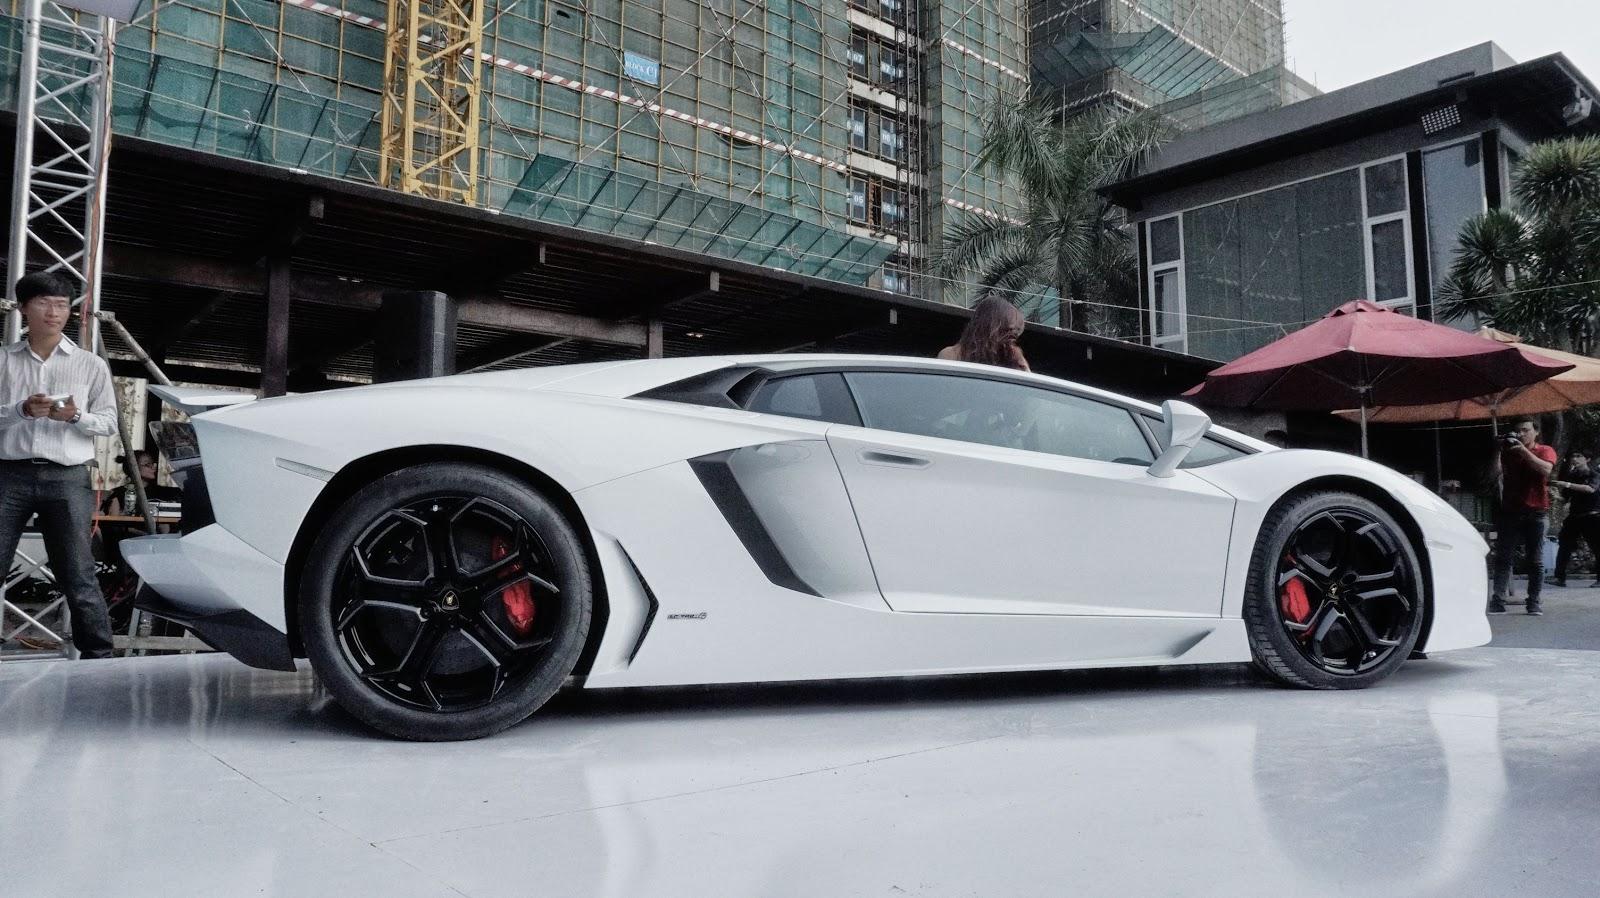 Lamborghini Aventador thực sự là một siêu xe tuyệt đẹp